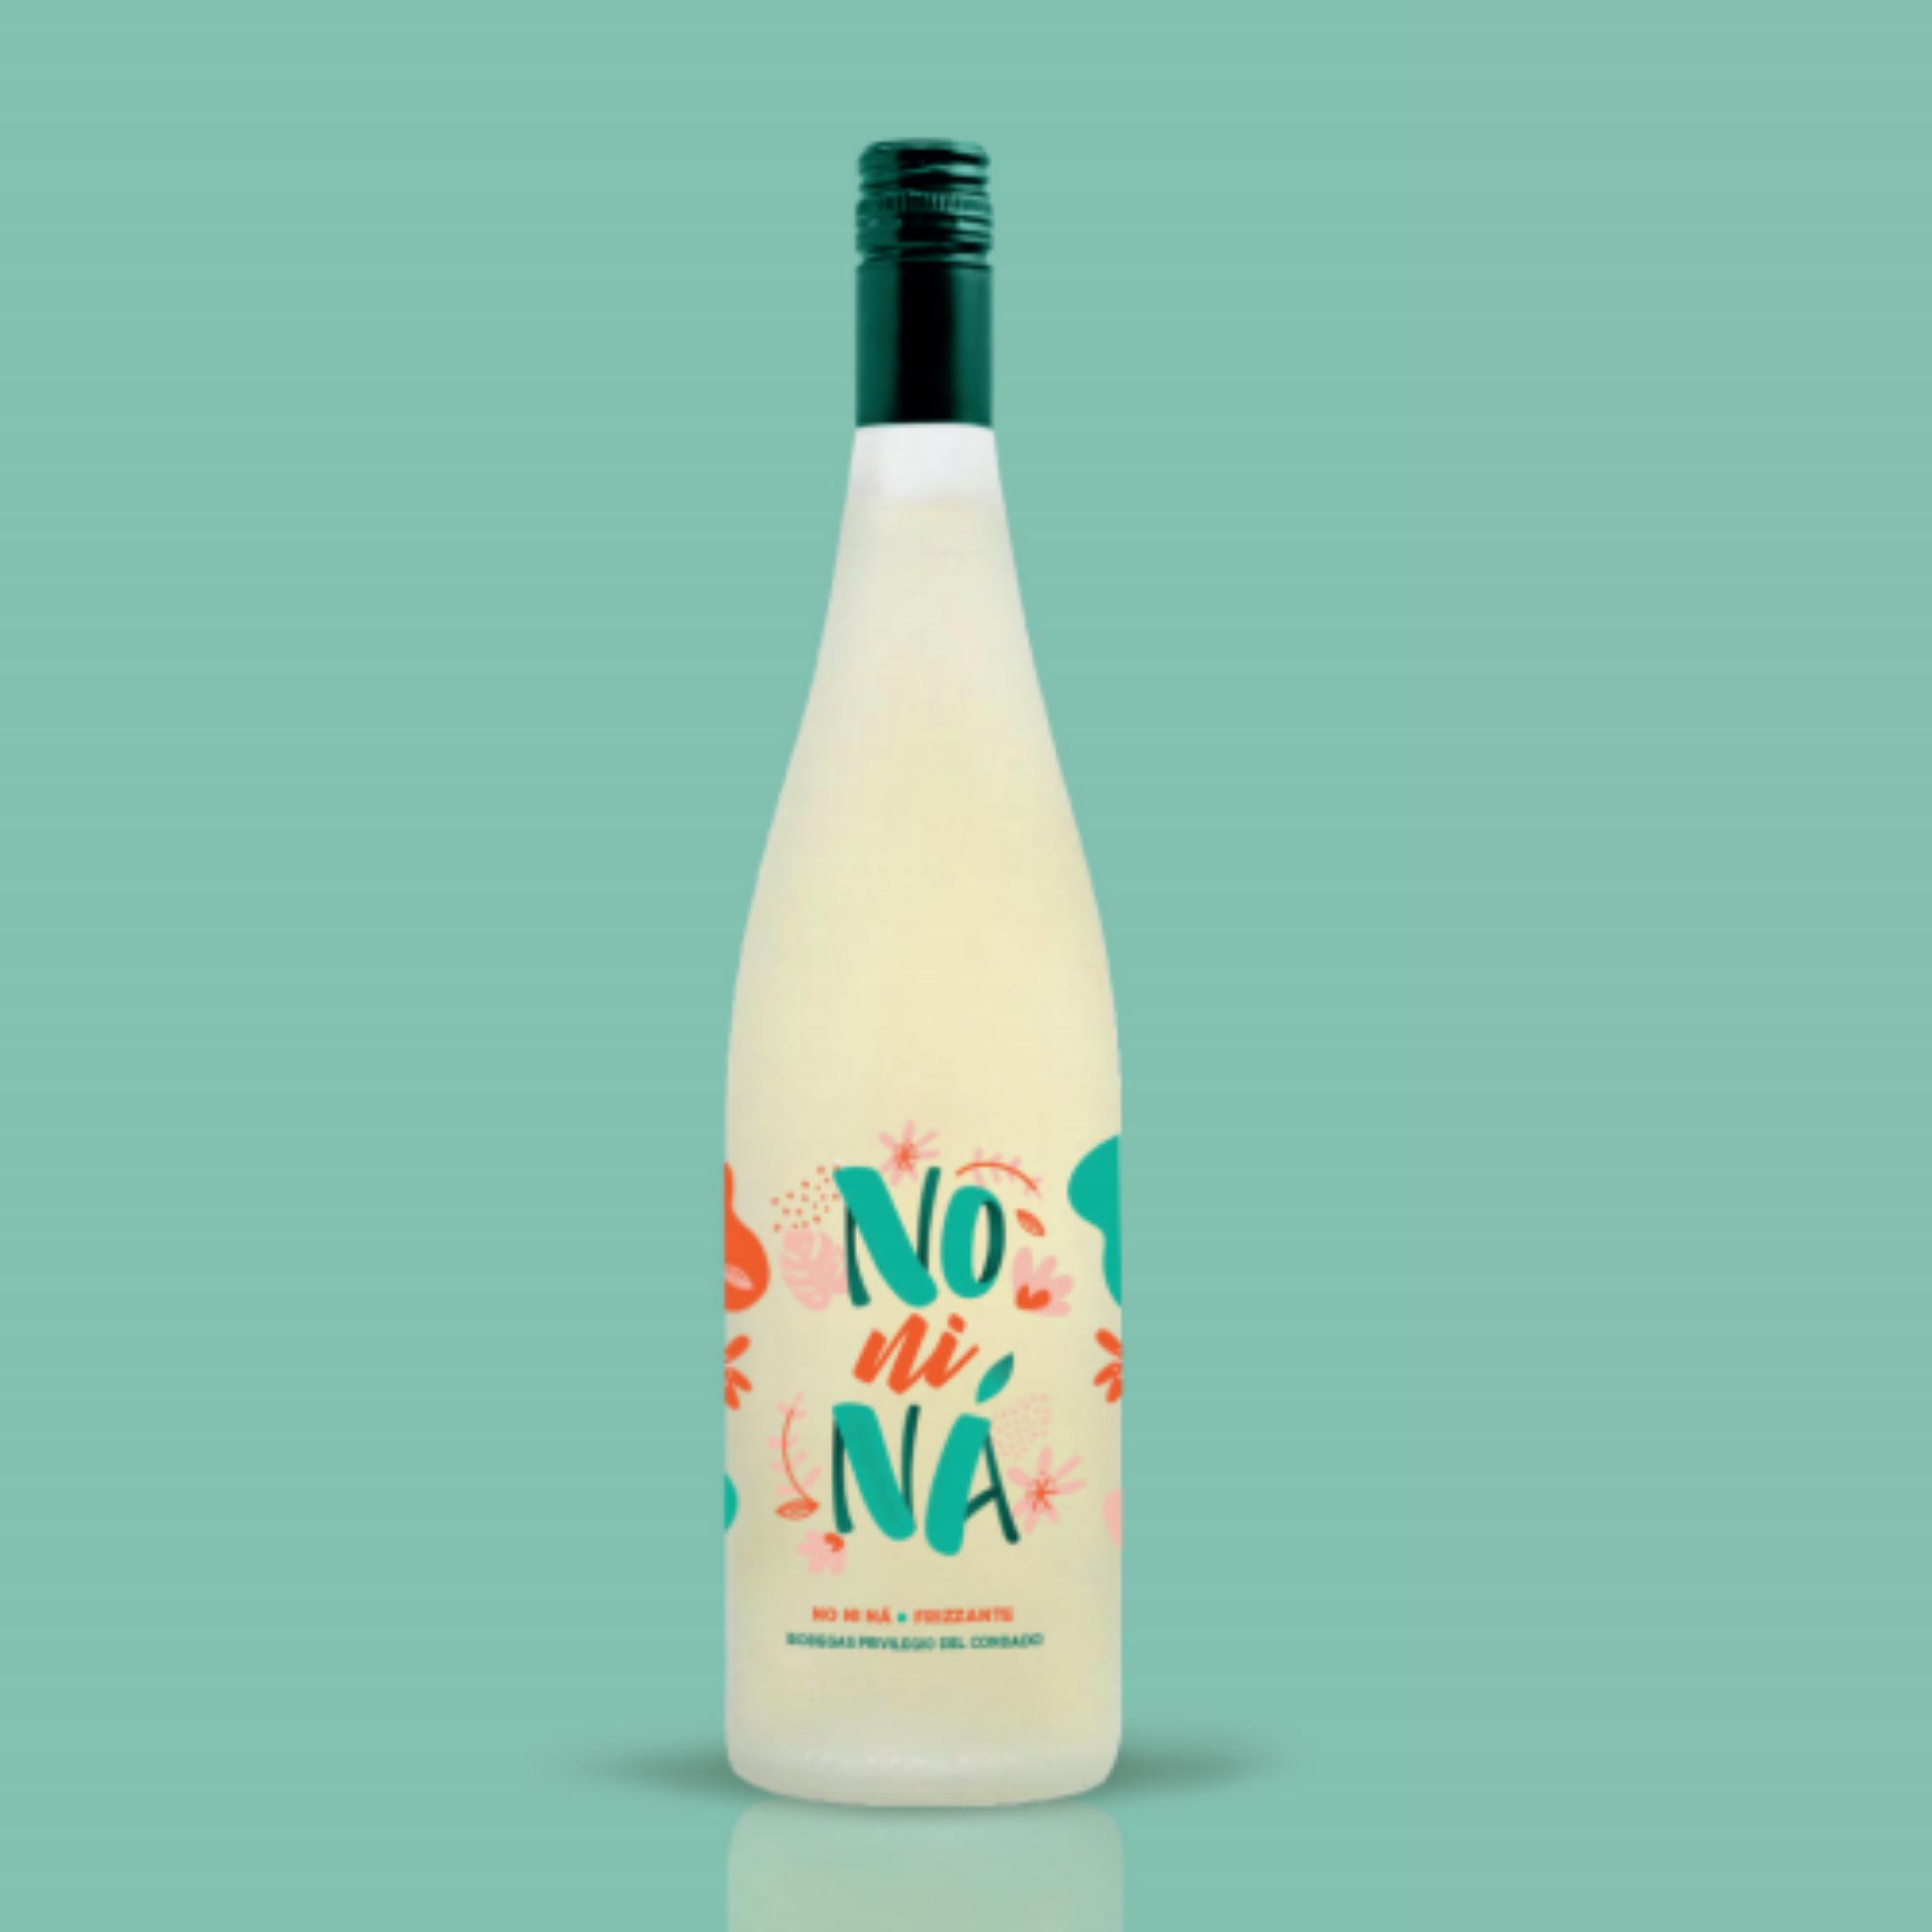 Diseño de etiqueta de vino no ni ná